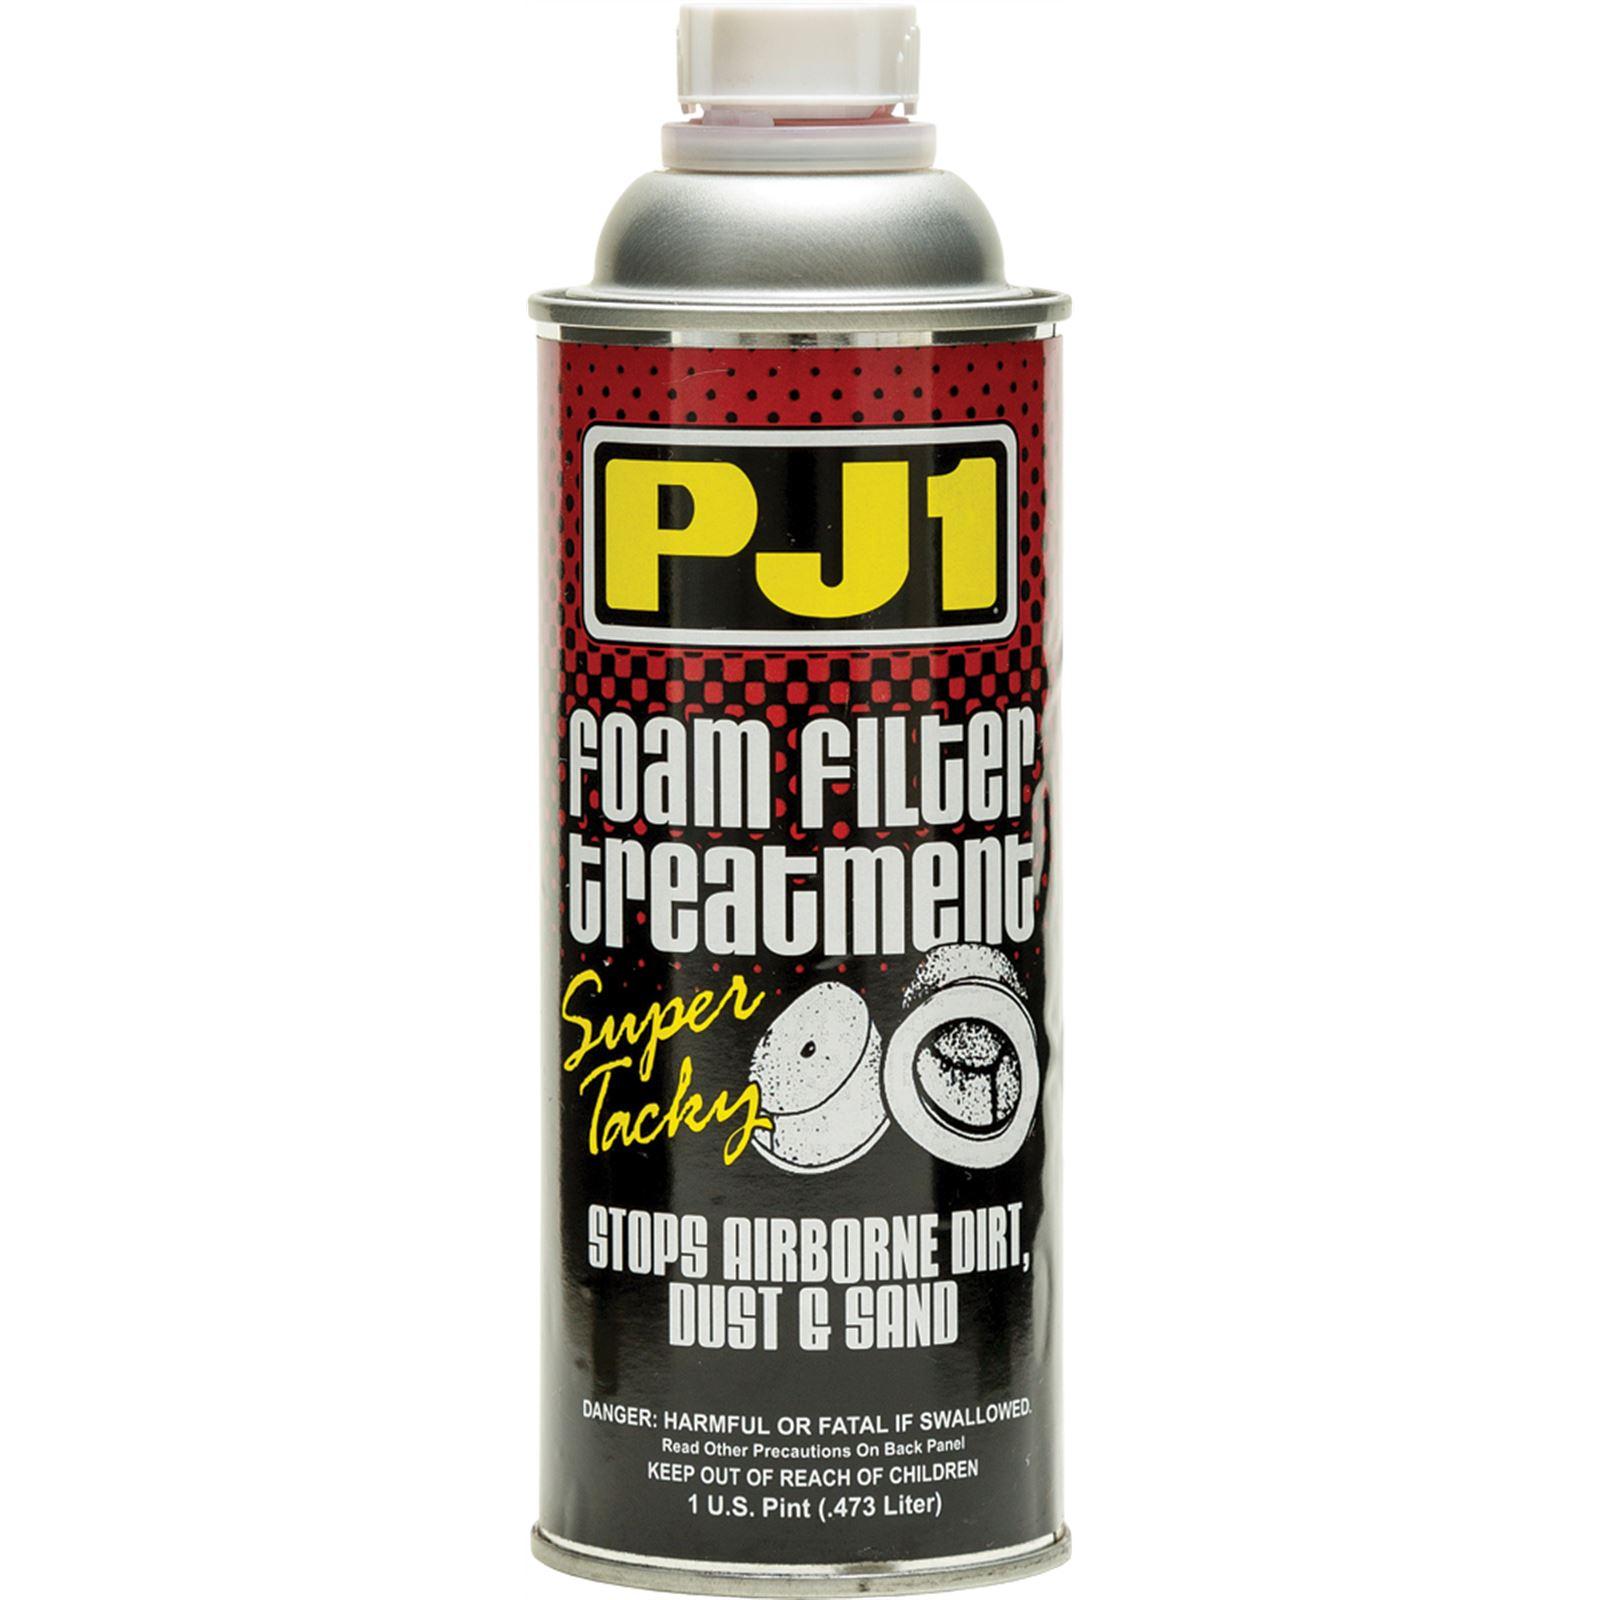 PJ1 Foam Filter Treatment